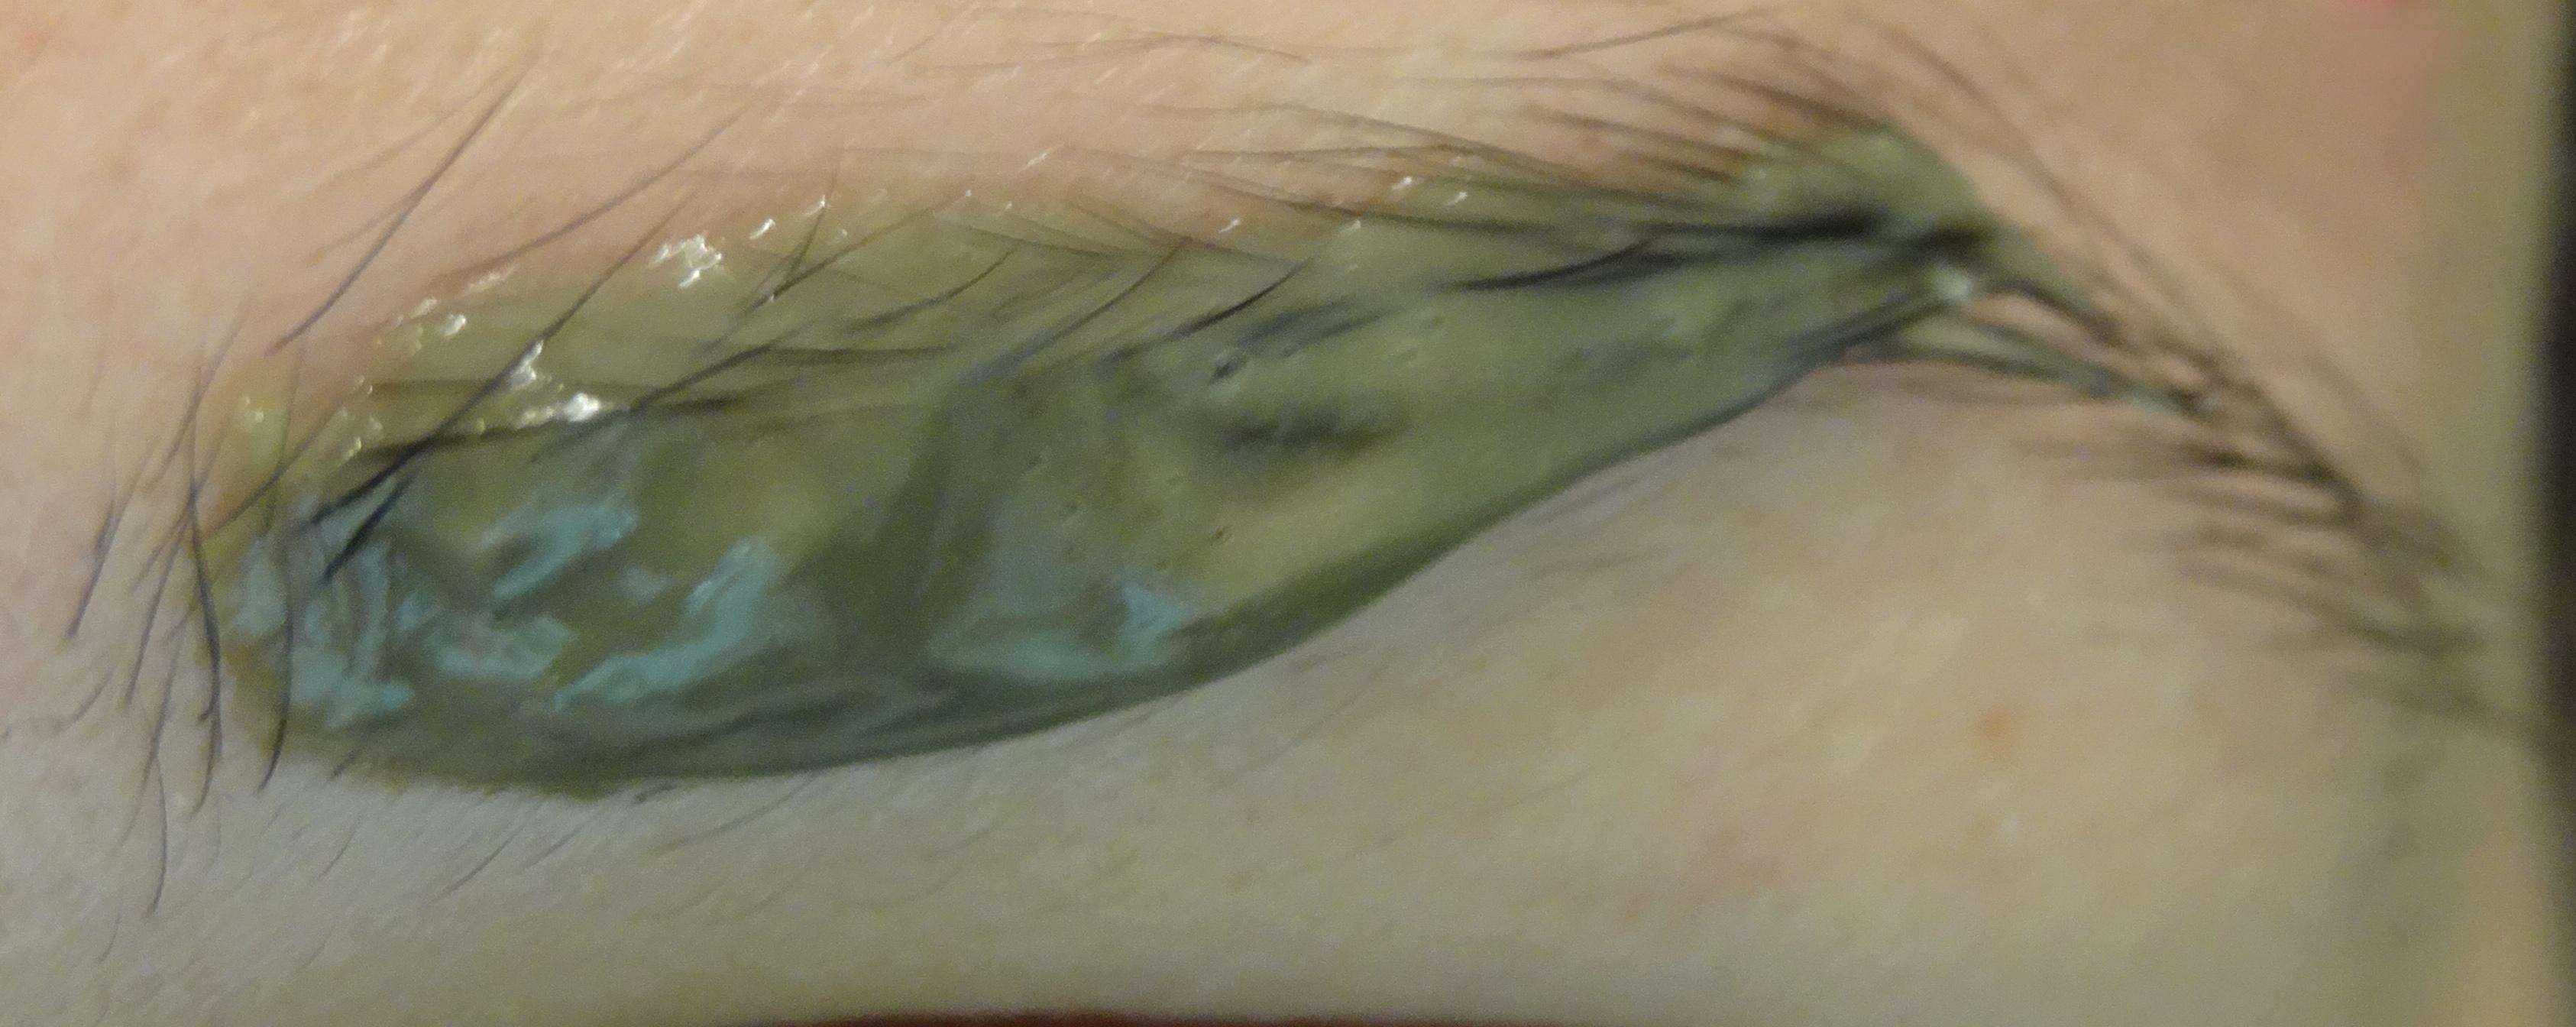 La solution pour recolorer les sourcils d color s par le - Tache de resine sur vetement ...